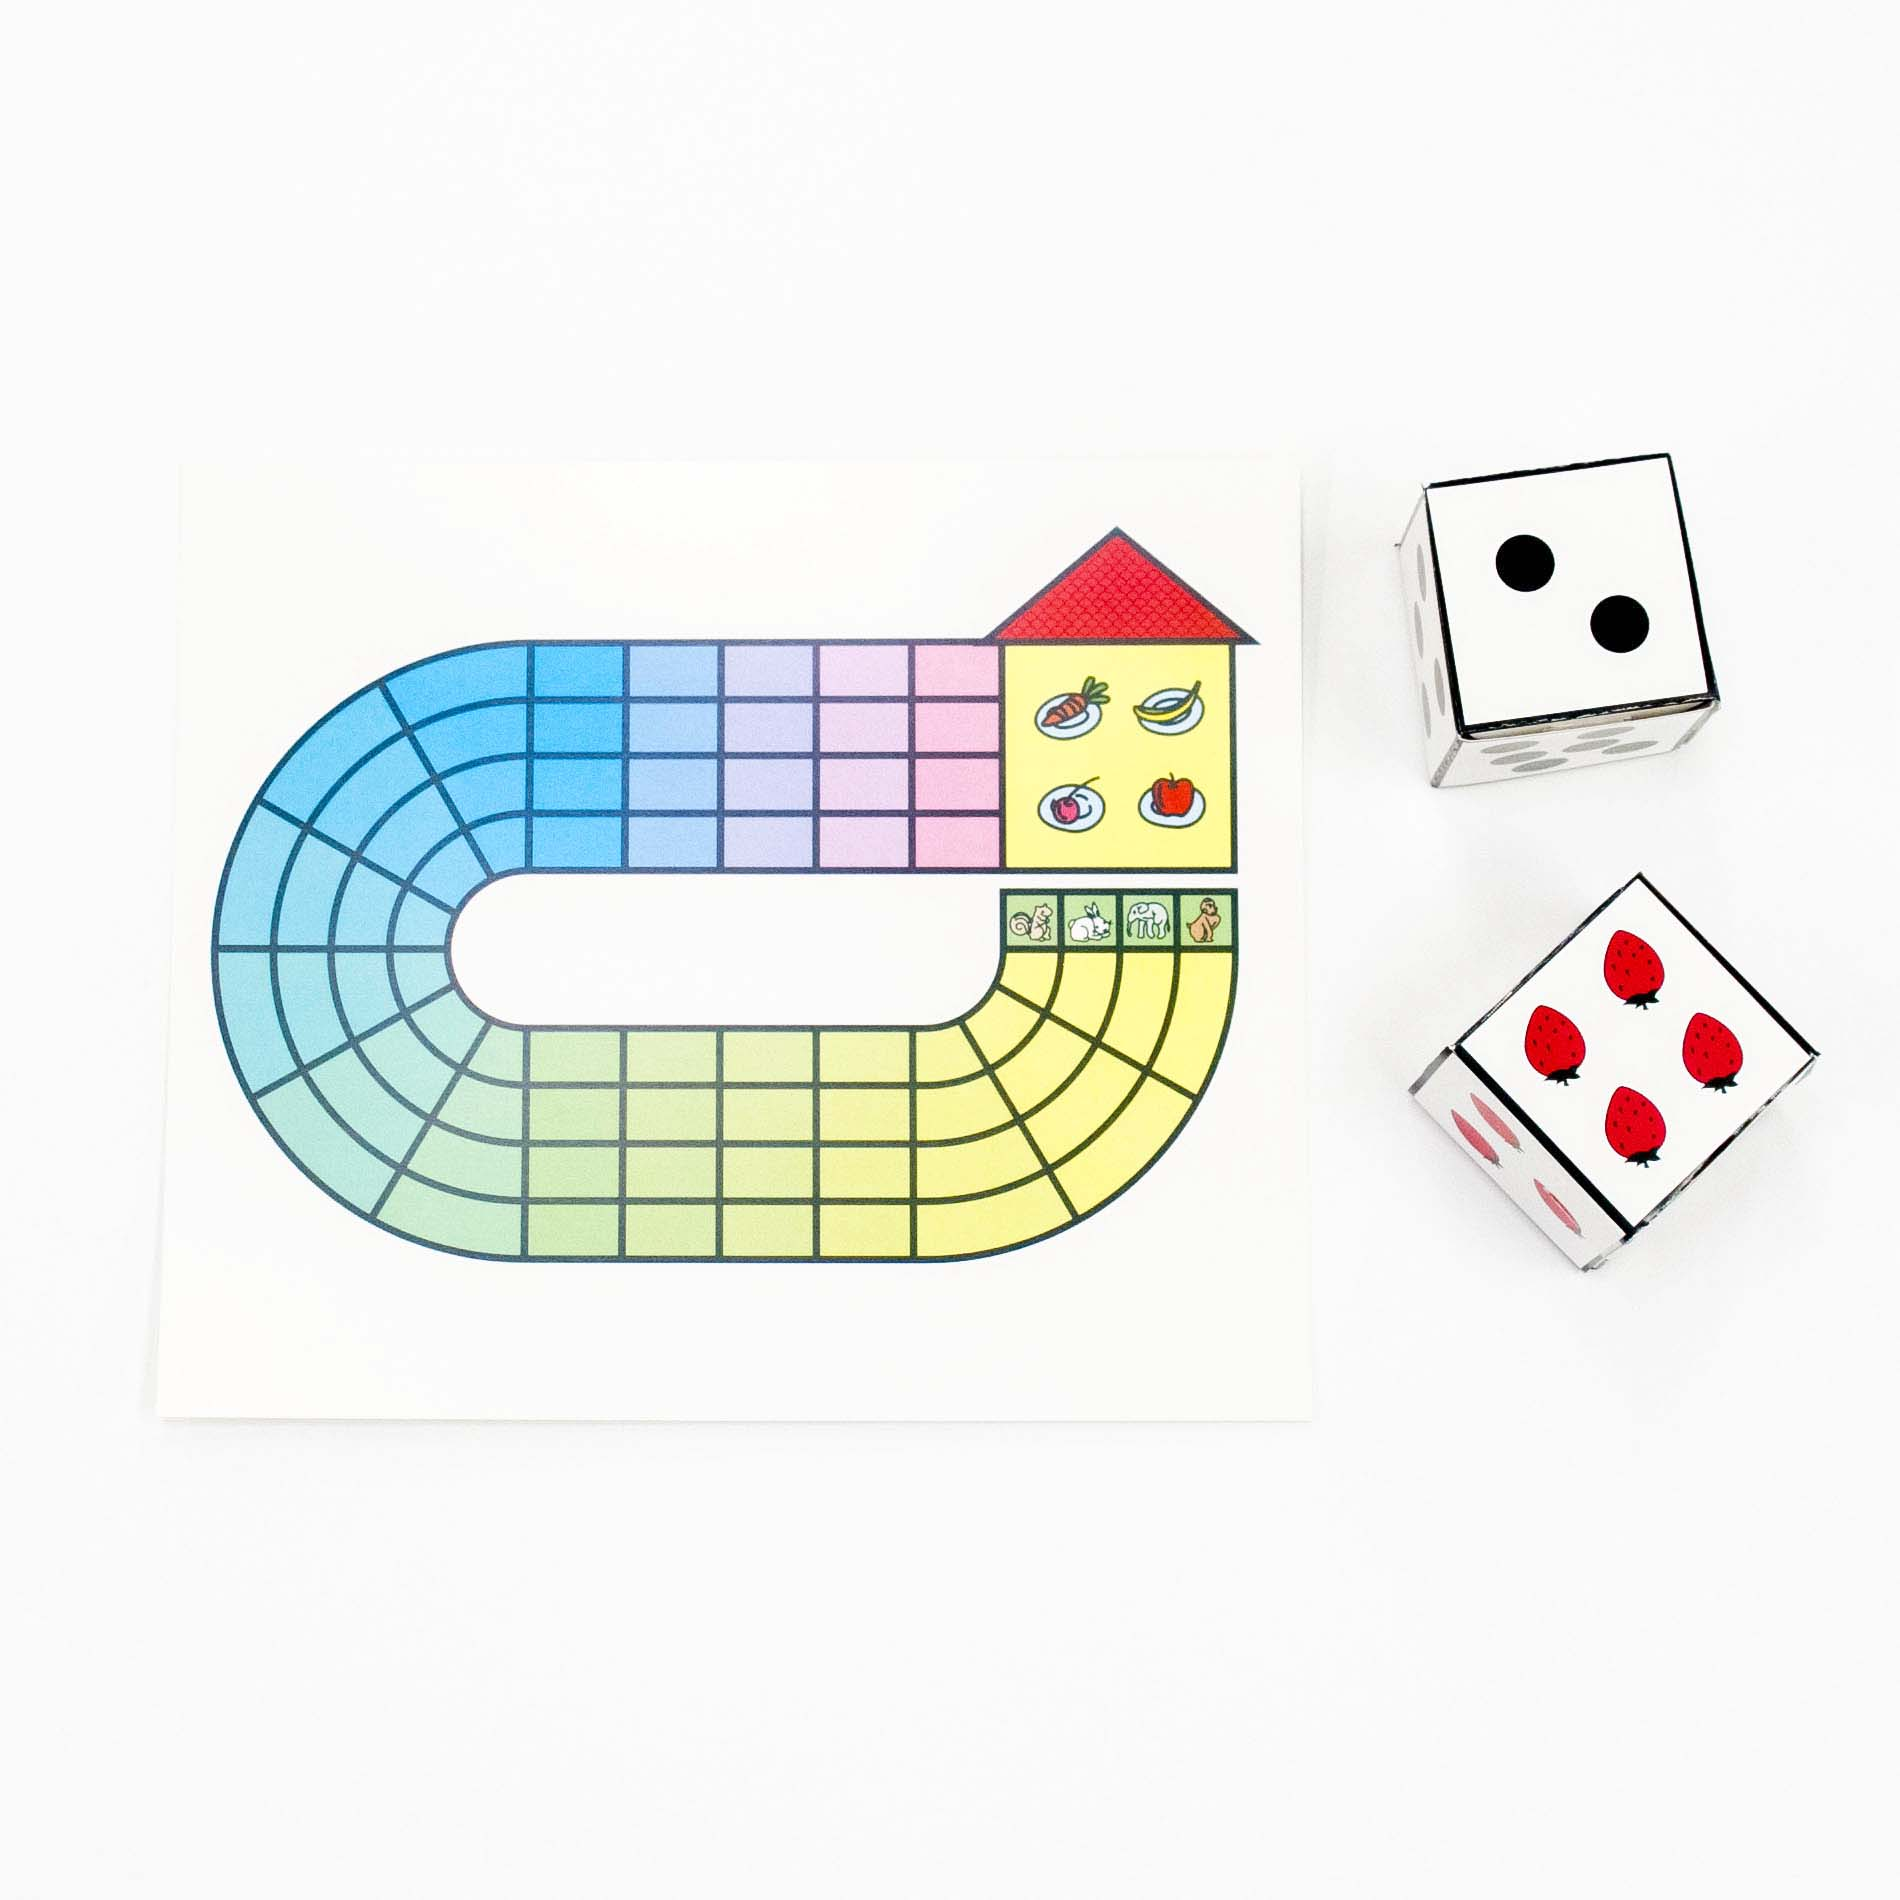 競争ゲームA型